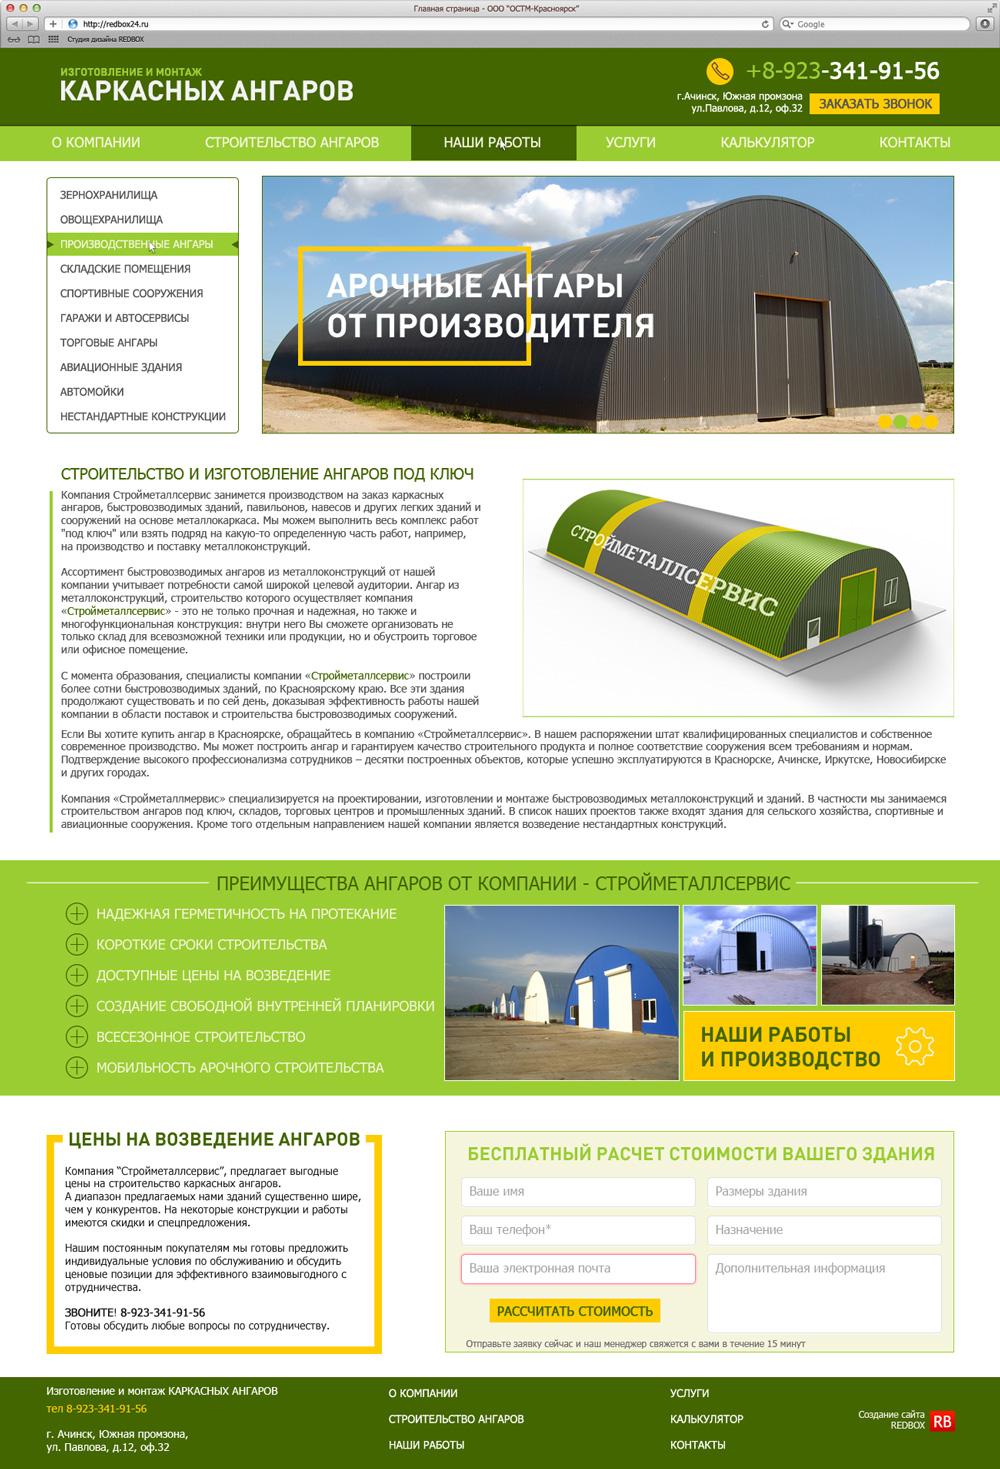 Главная страница сайта по продаже агаров